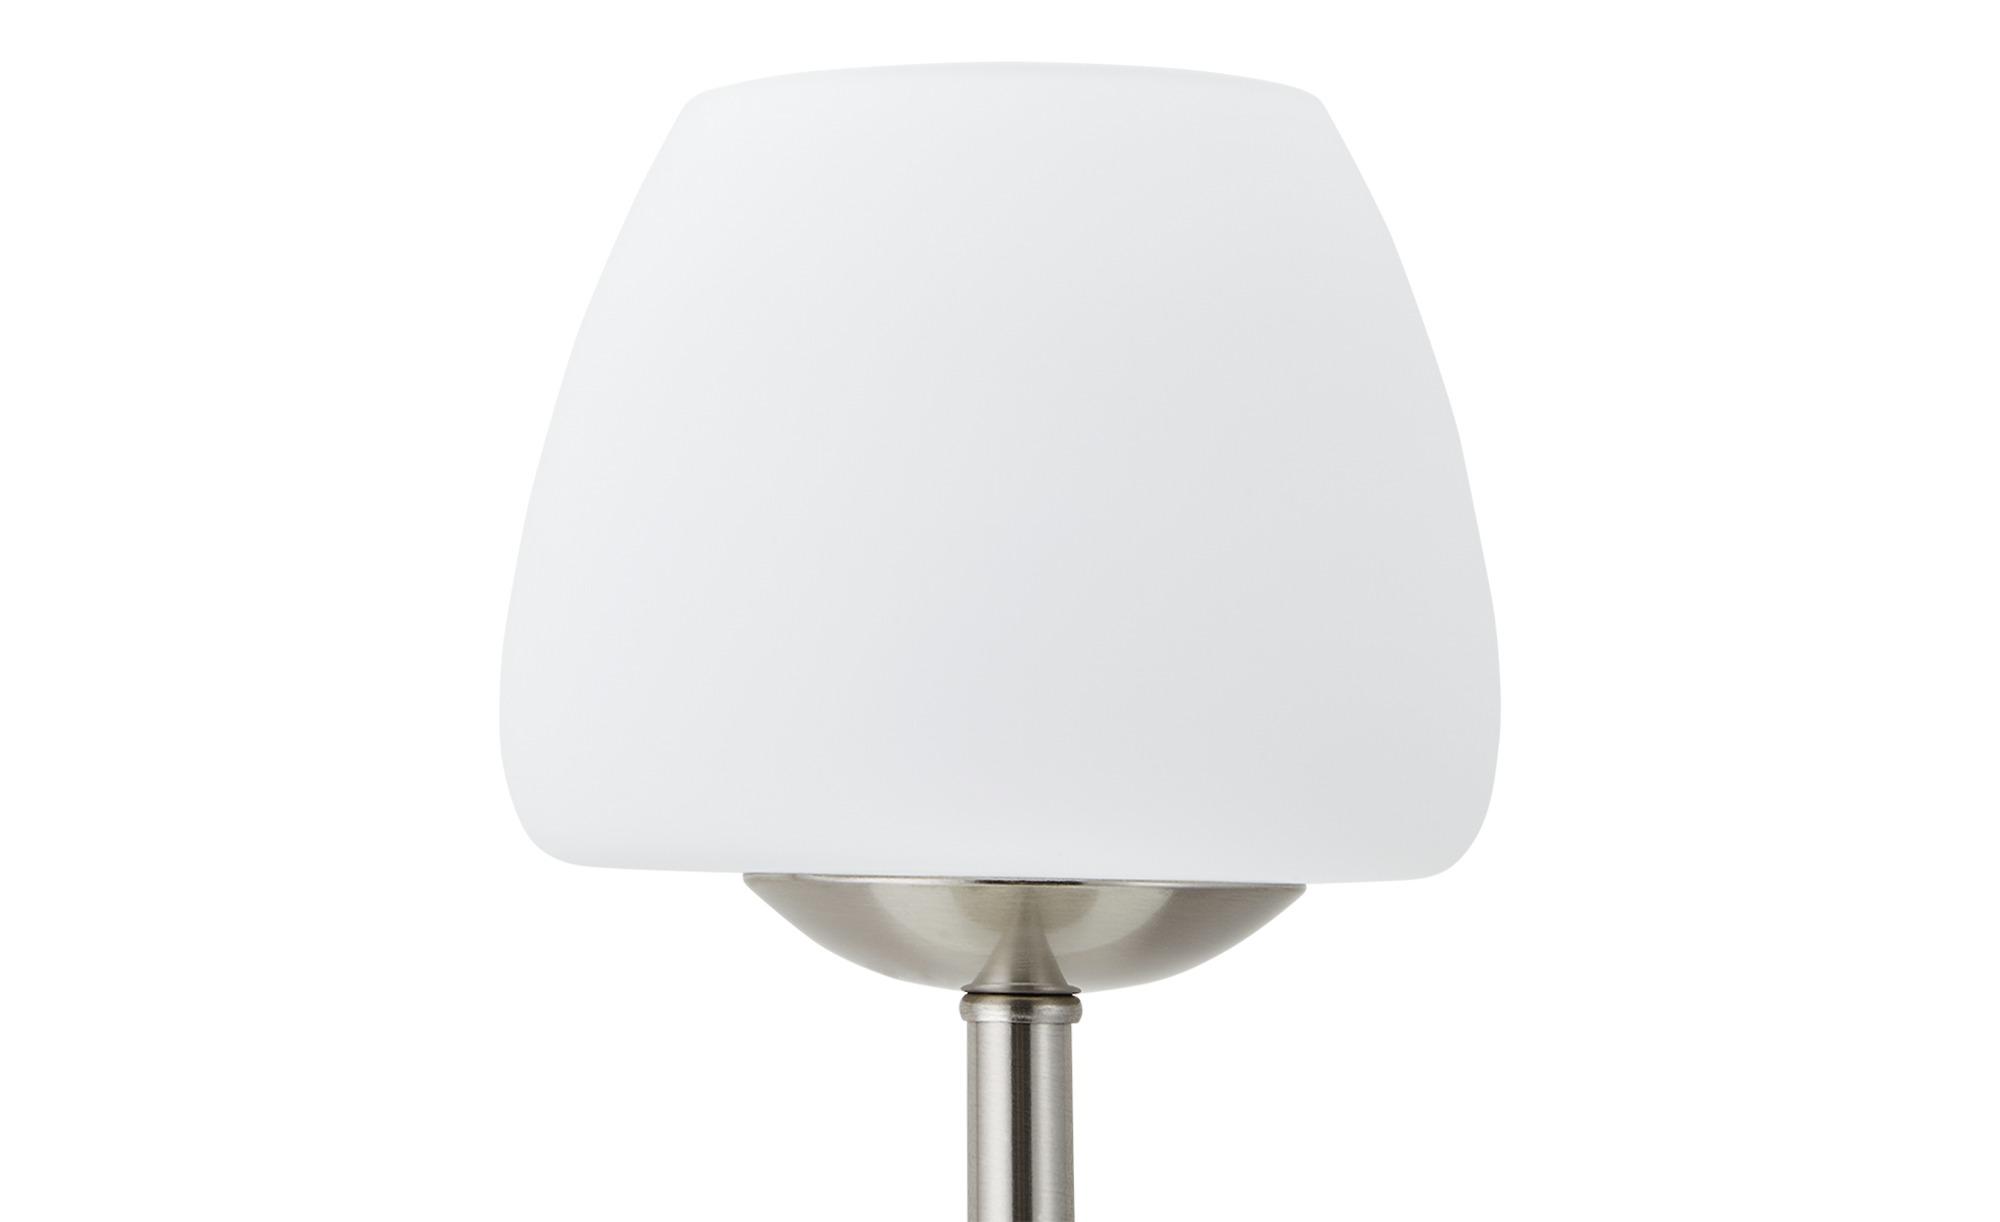 KHG LED-Tischleuchte, Nickel matt ¦ silber ¦ Maße (cm): H: 30 Ø: 14 Lampen & Leuchten > Innenleuchten > Tischlampen - Höffner